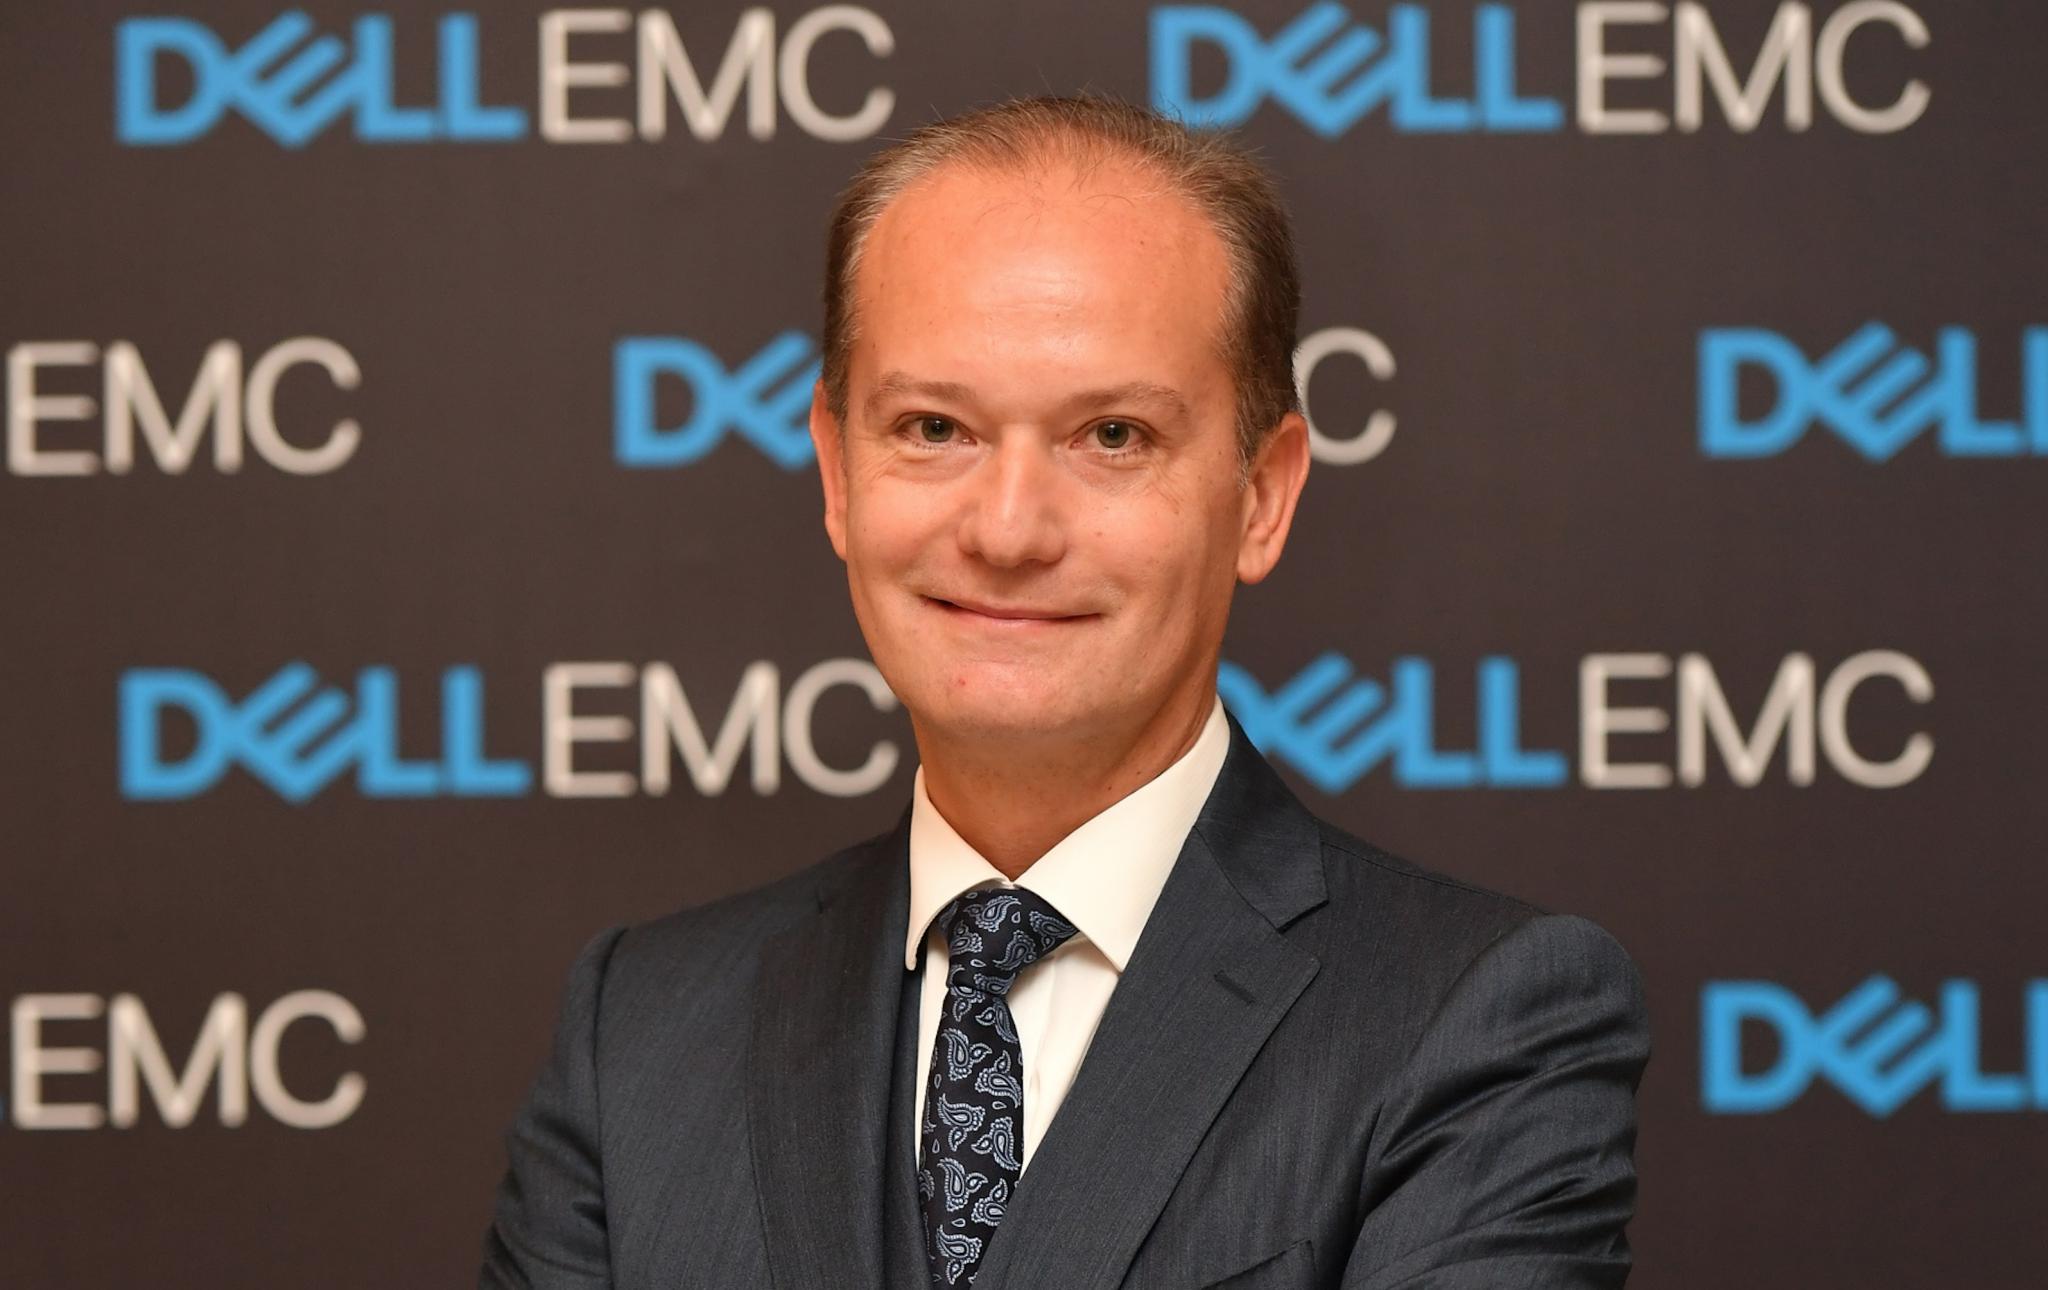 Dell EMC Türkiye Ülke Müdürü Sinan Dumlu